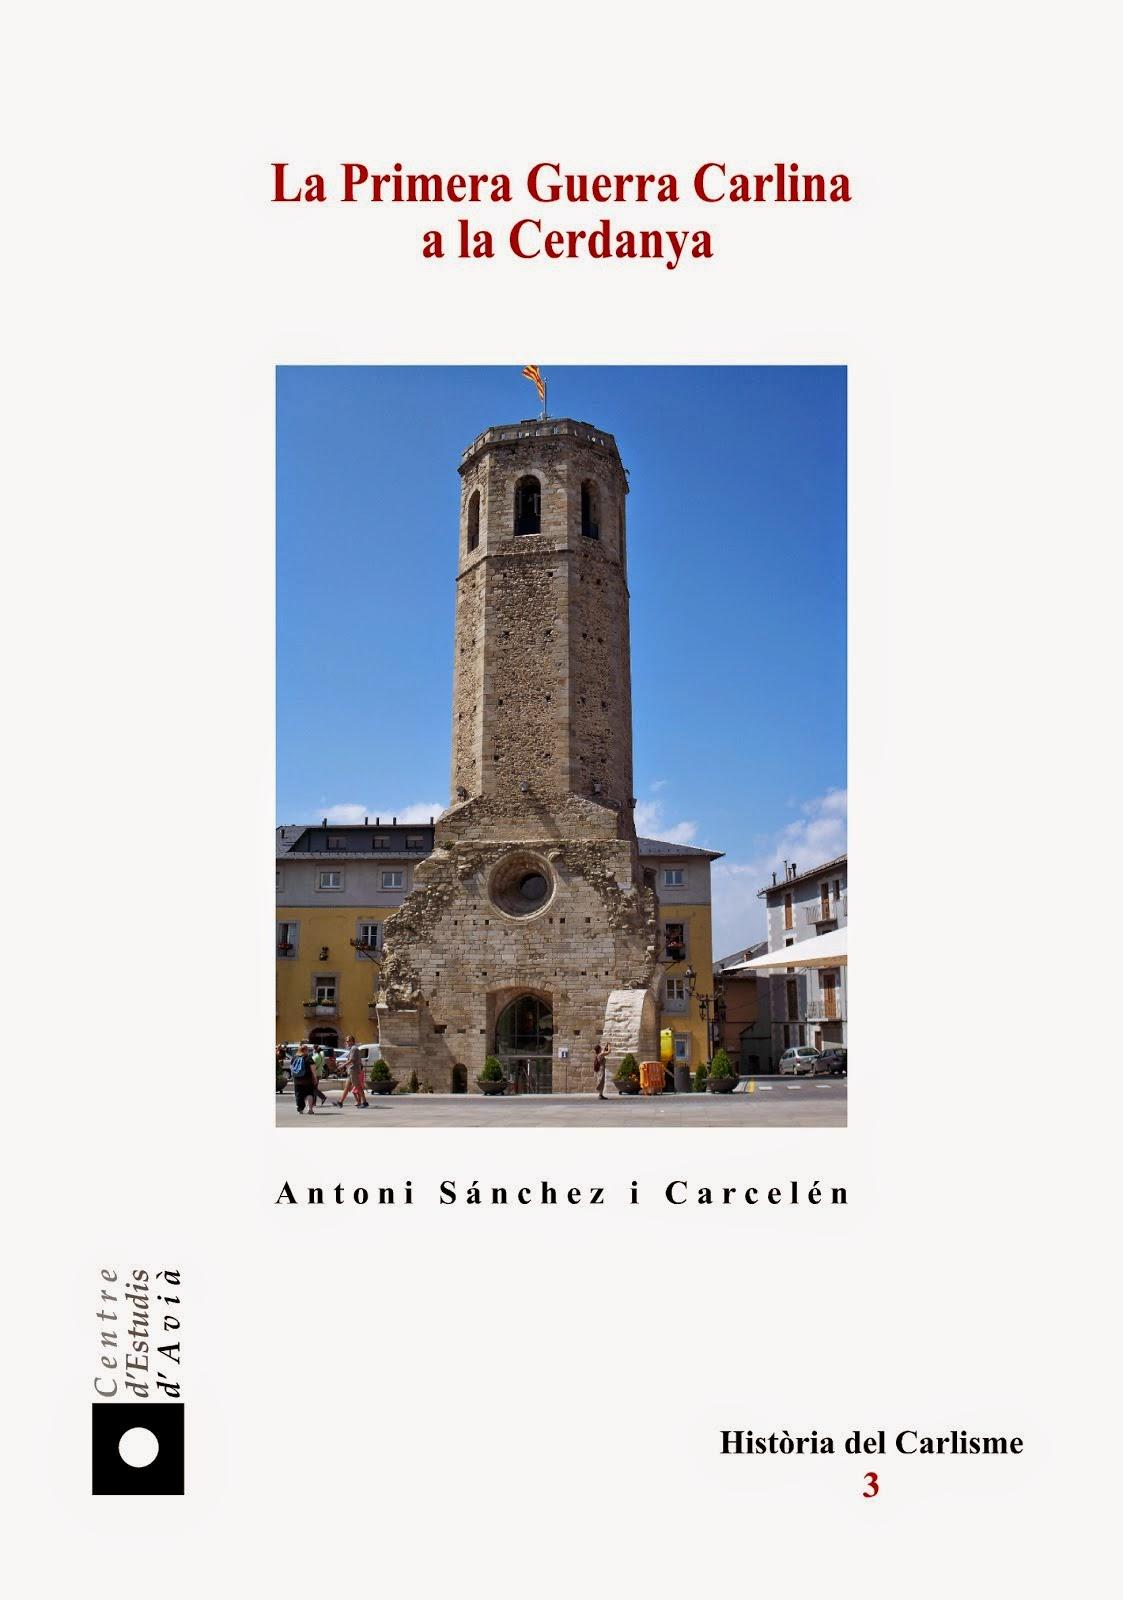 Història del Carlisme núm. 3